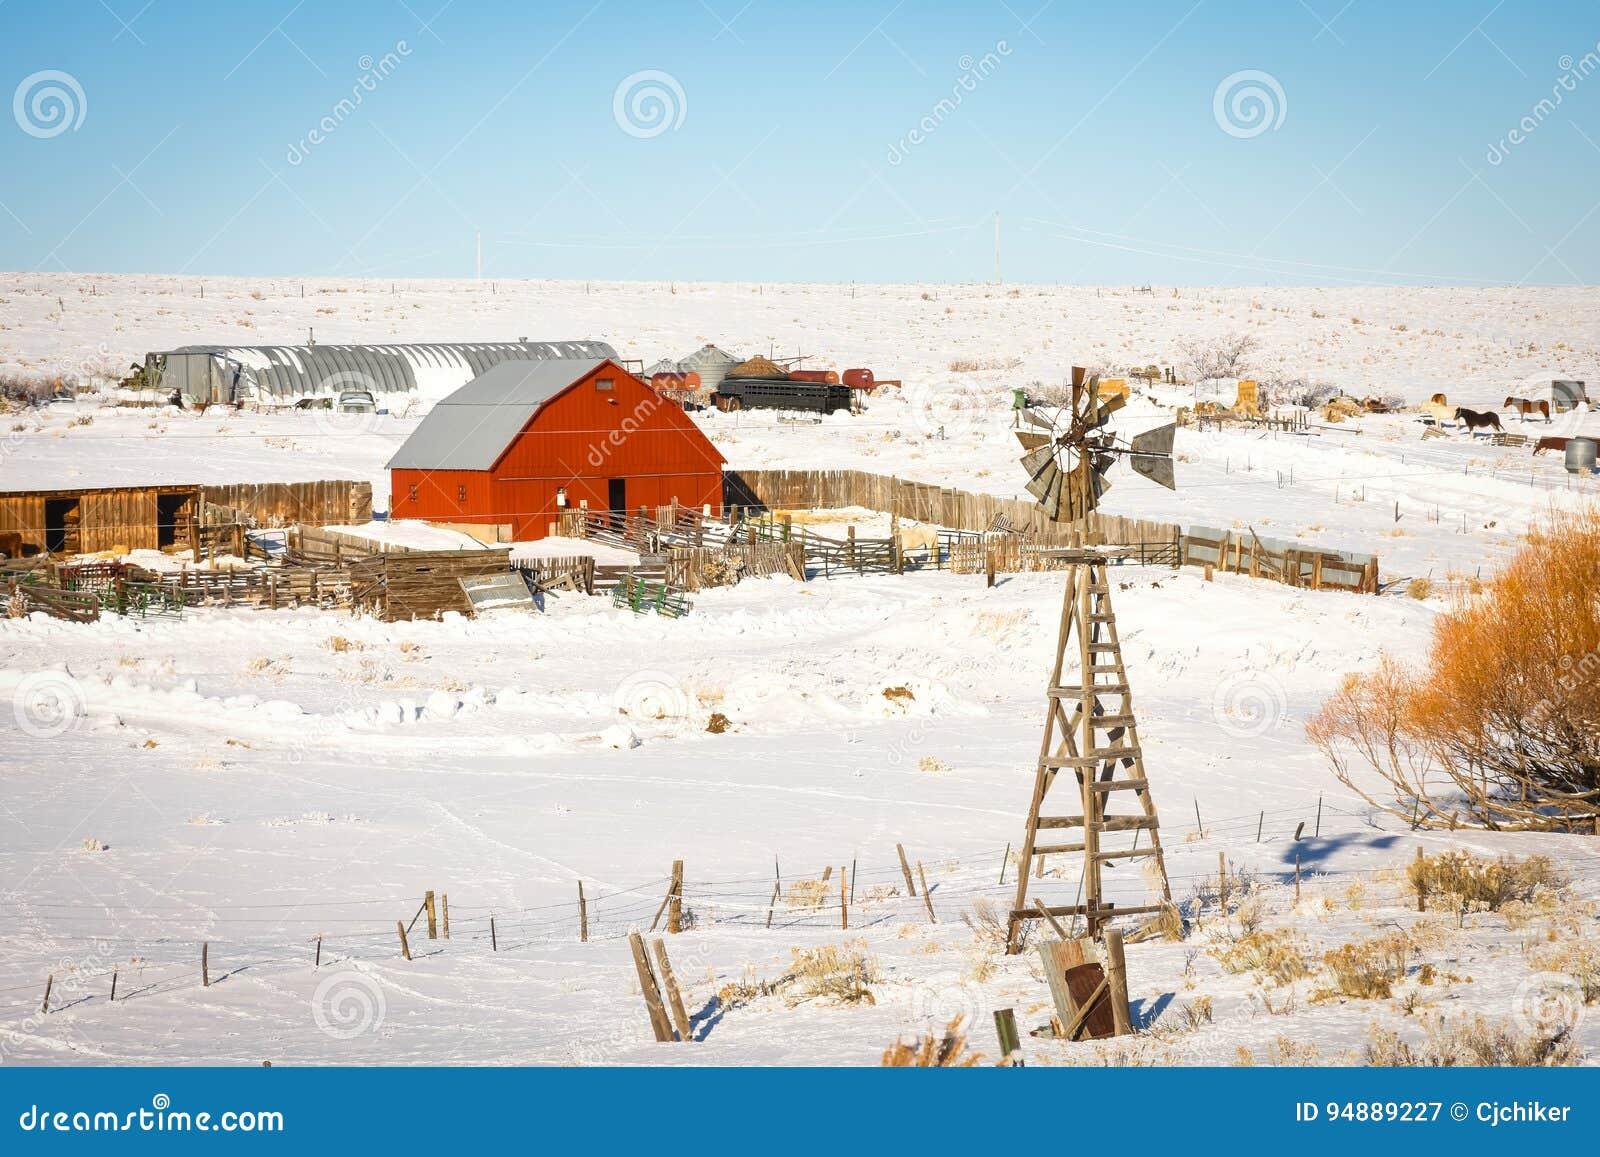 Ranch mit roter Scheune im Winter